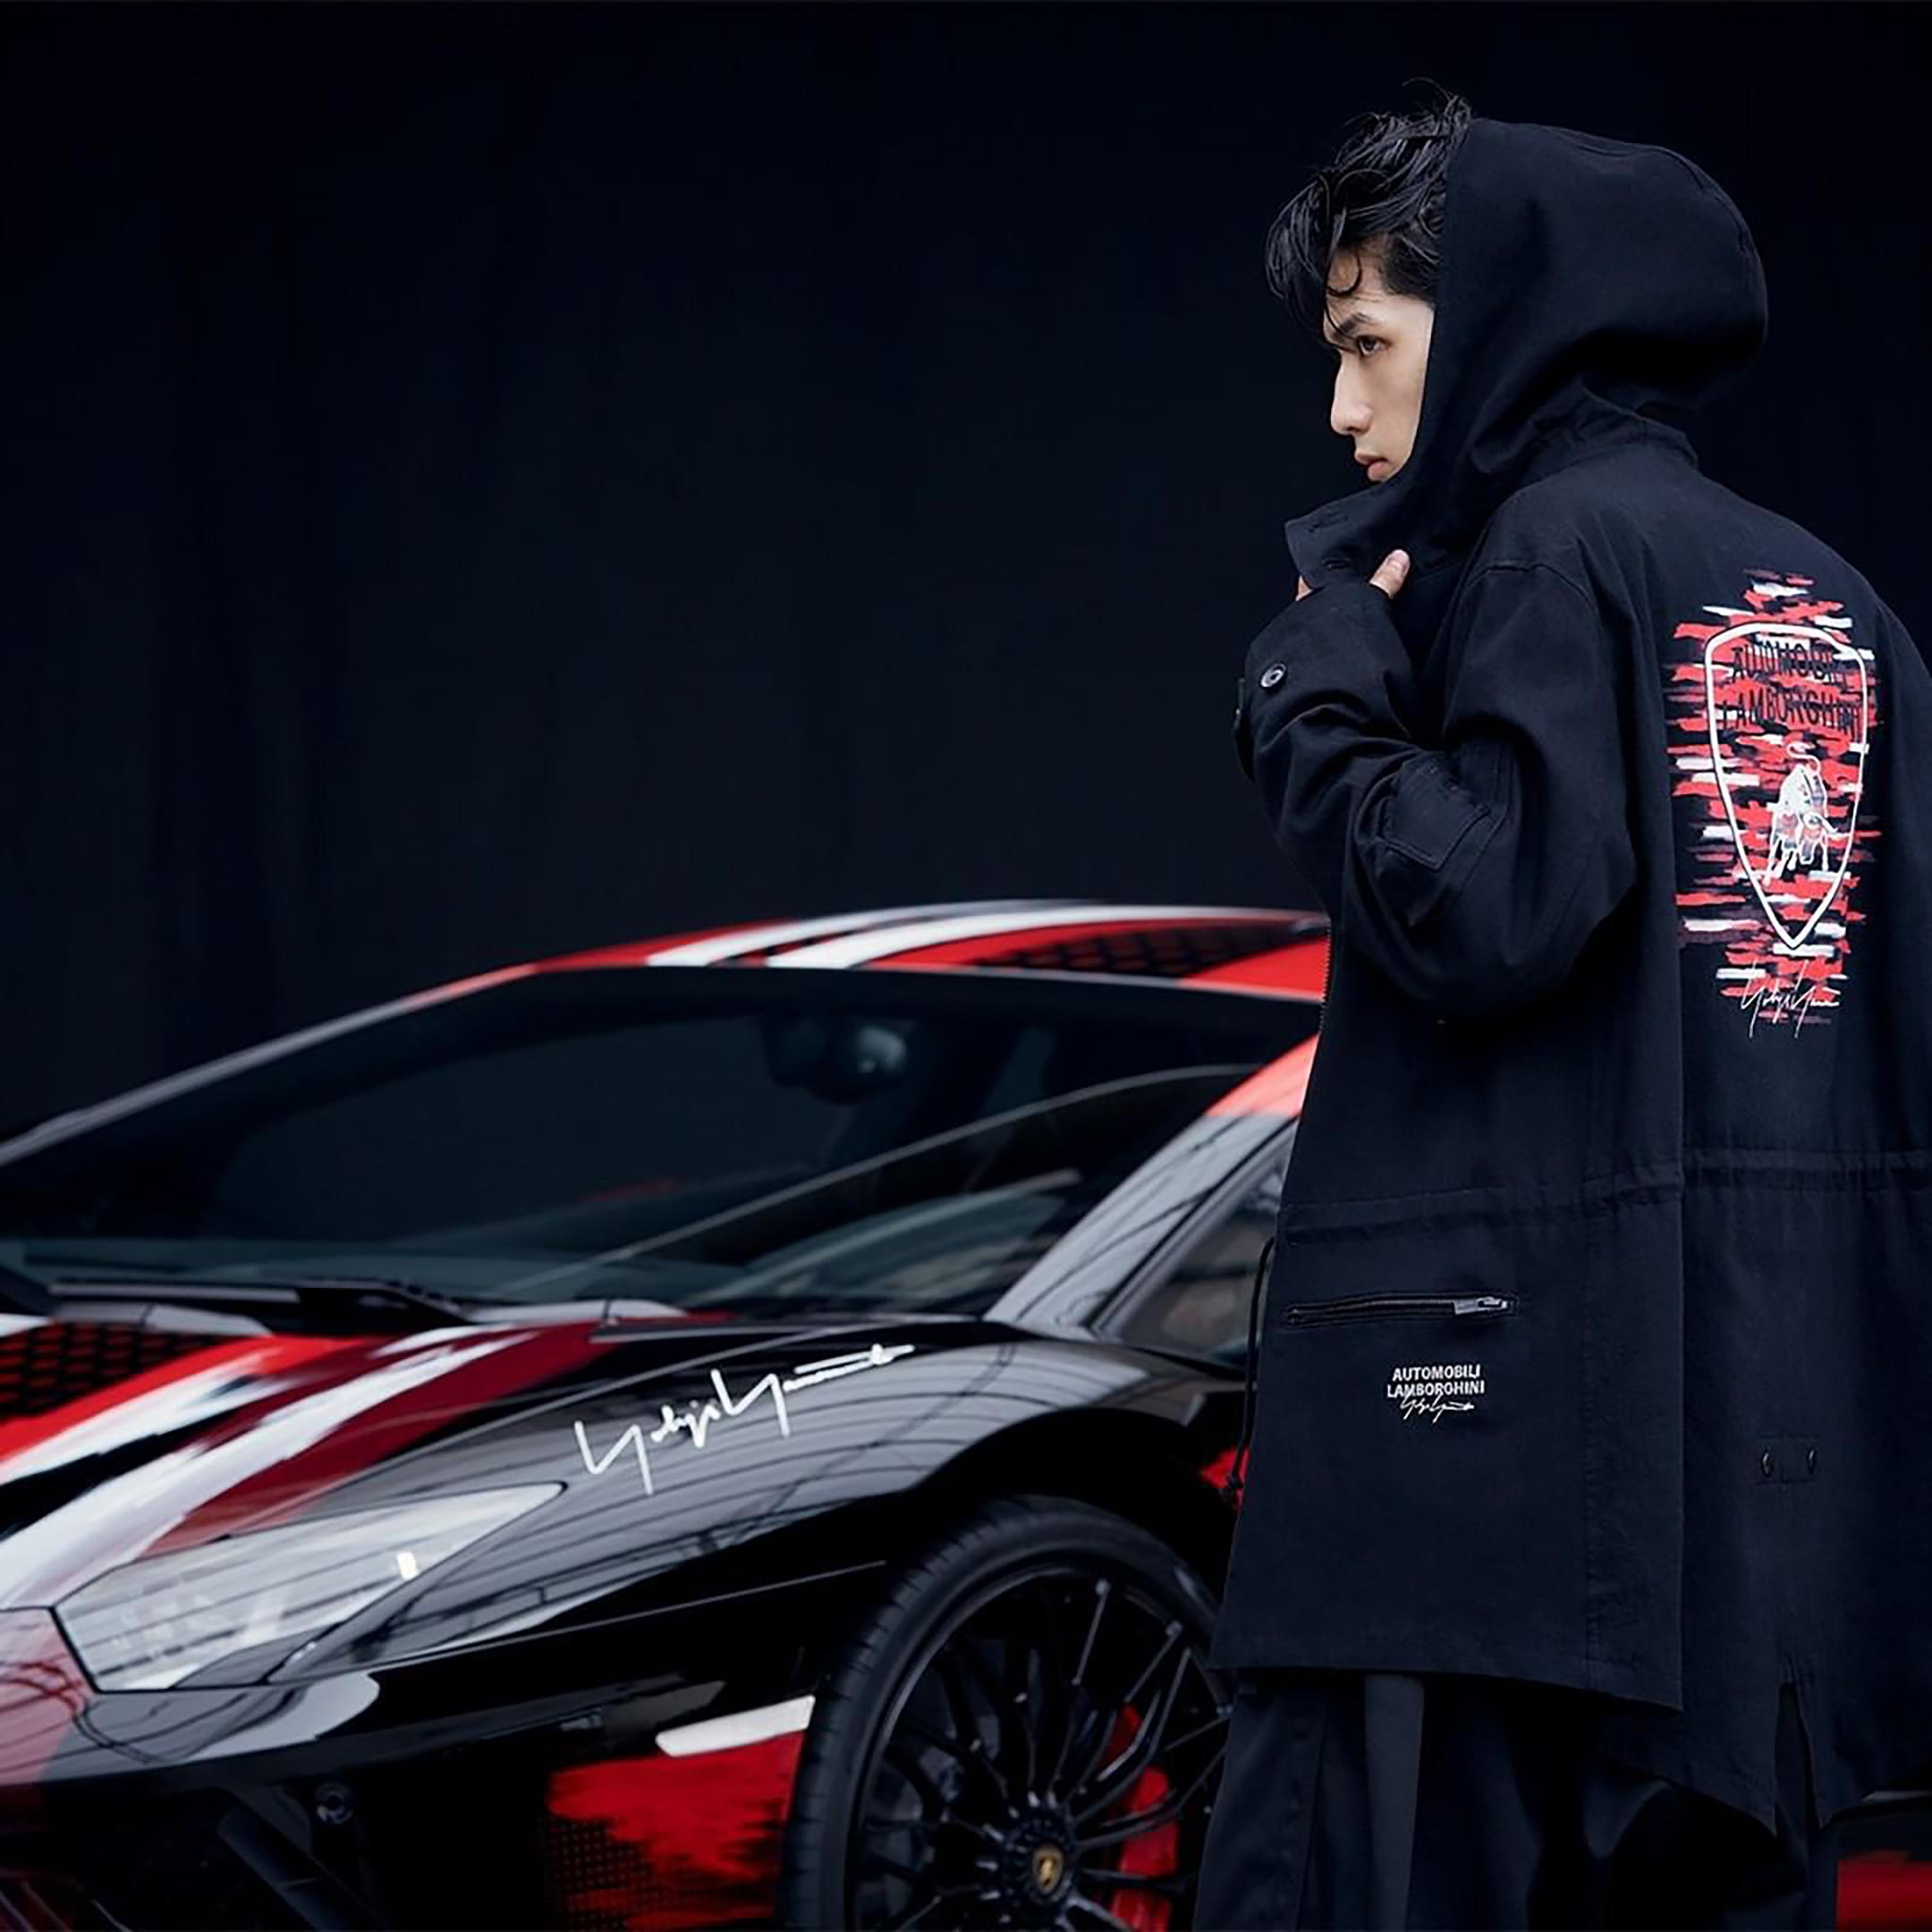 Lamborghini Aventador S x Yohji Yamamoto fashion designer - 2020 - cobrand collection - preview